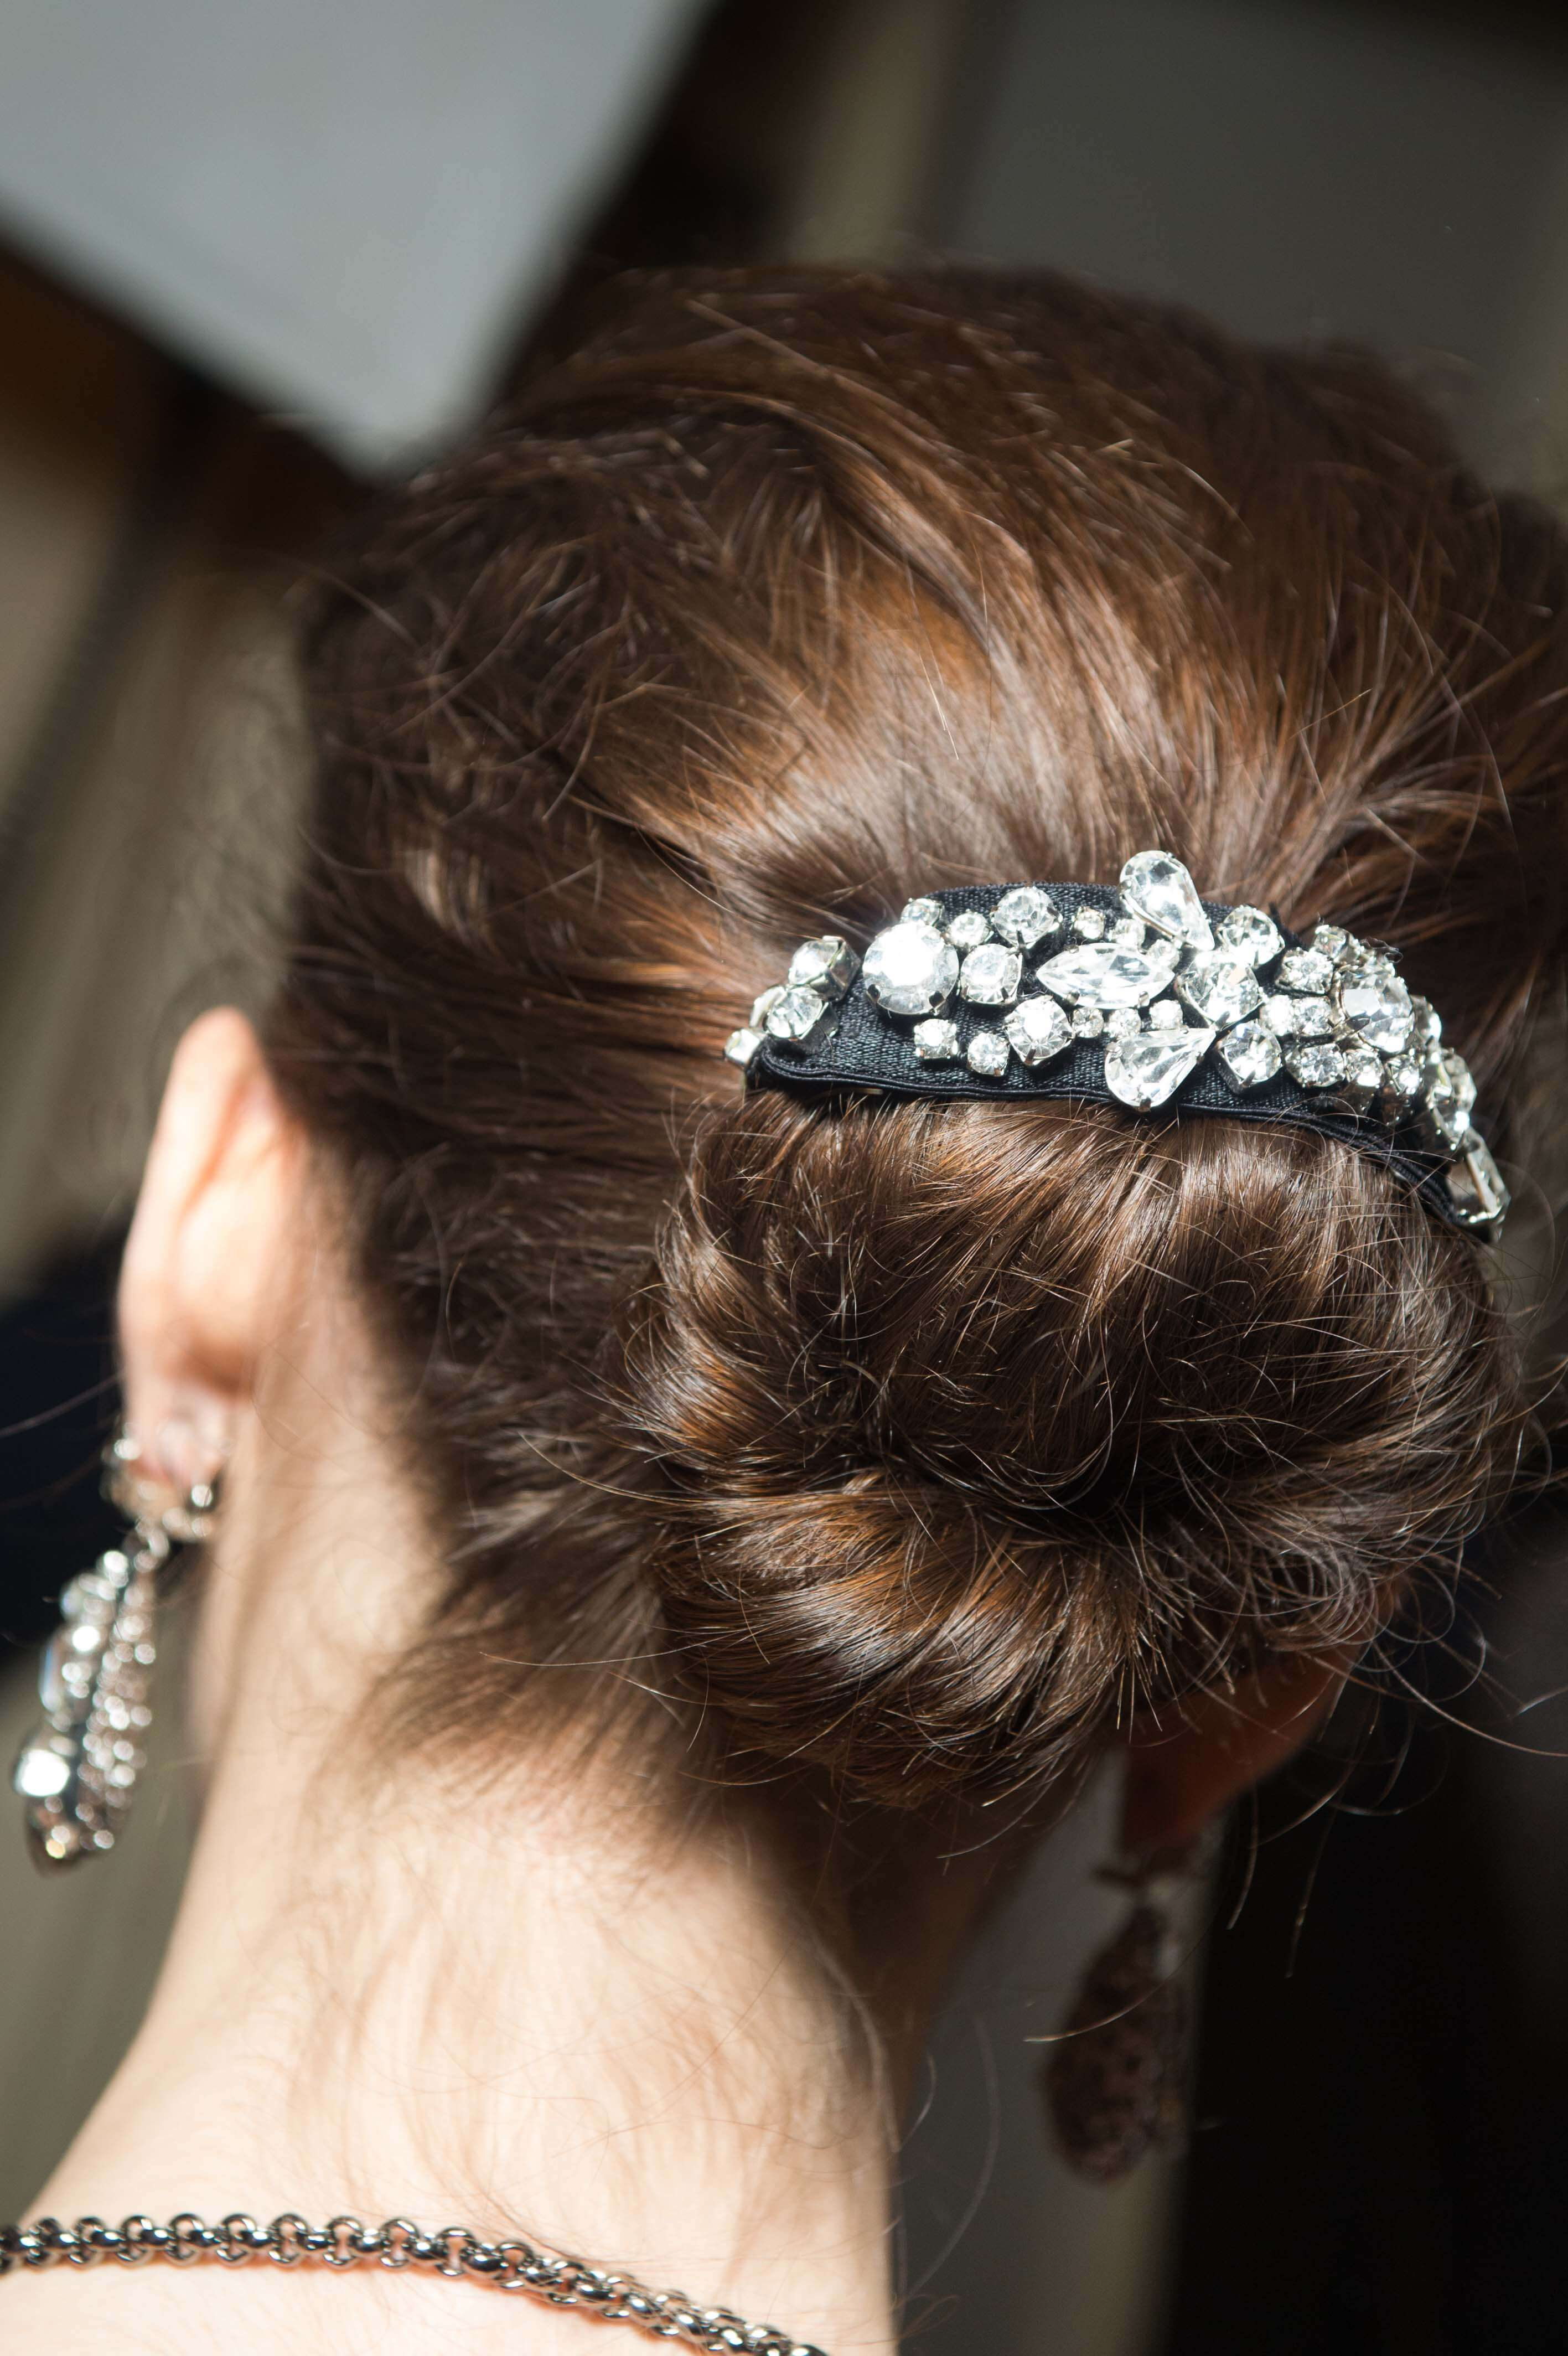 vue de dos d'une brune avec ses cheveux en chignon désordonné avec une manchette de chignon à bijoux